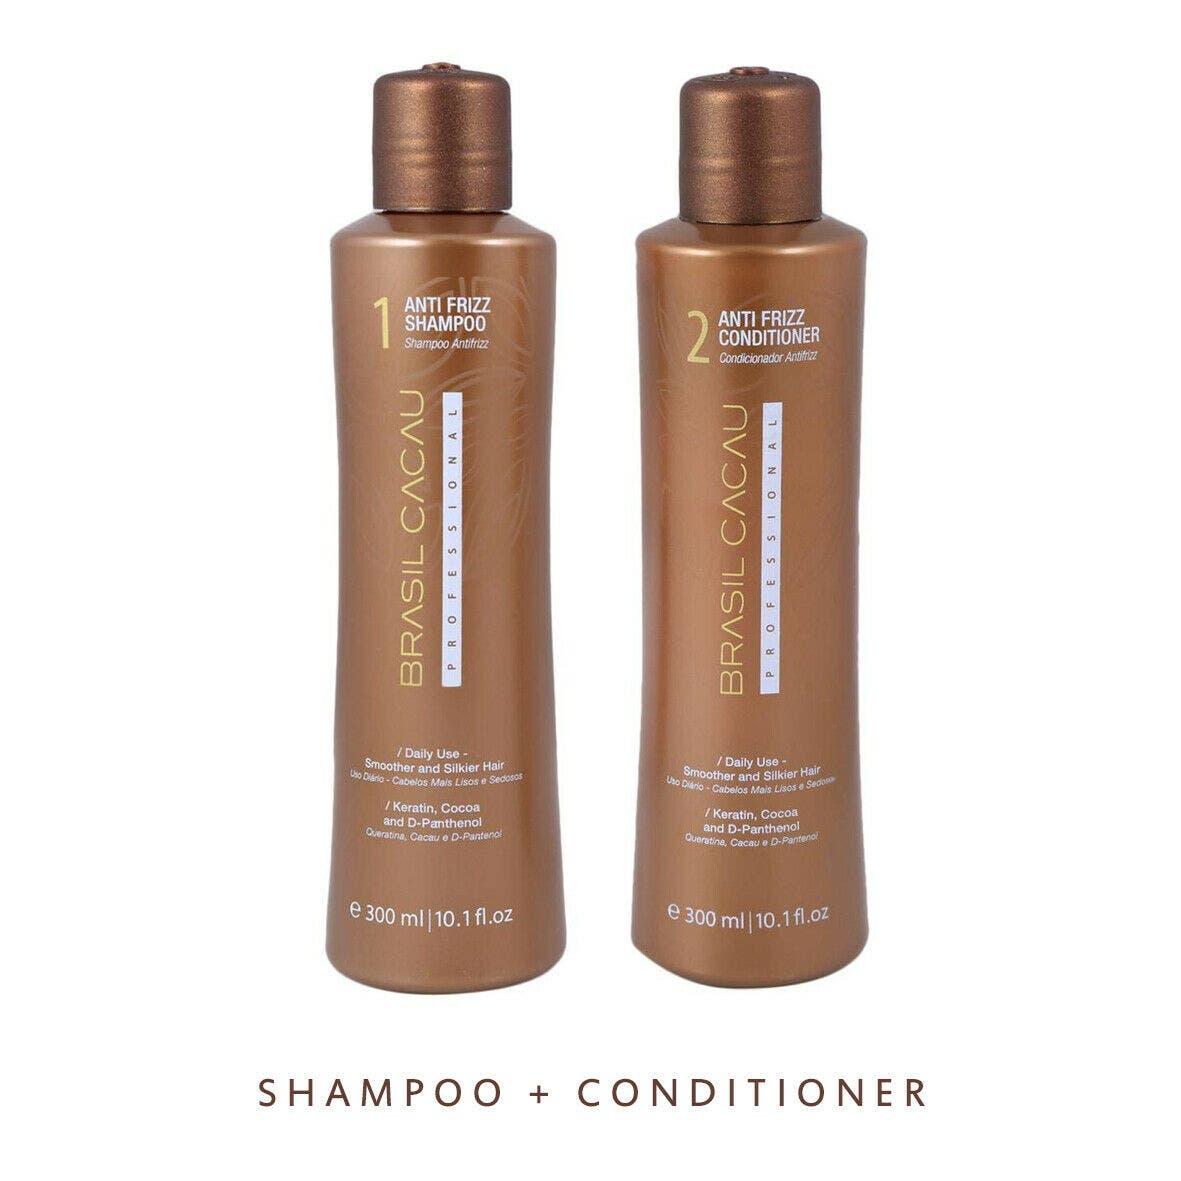 Brasil Cacau ANTI FRIZZ 300ml Shampoo & Conditioner For Damaged Hair